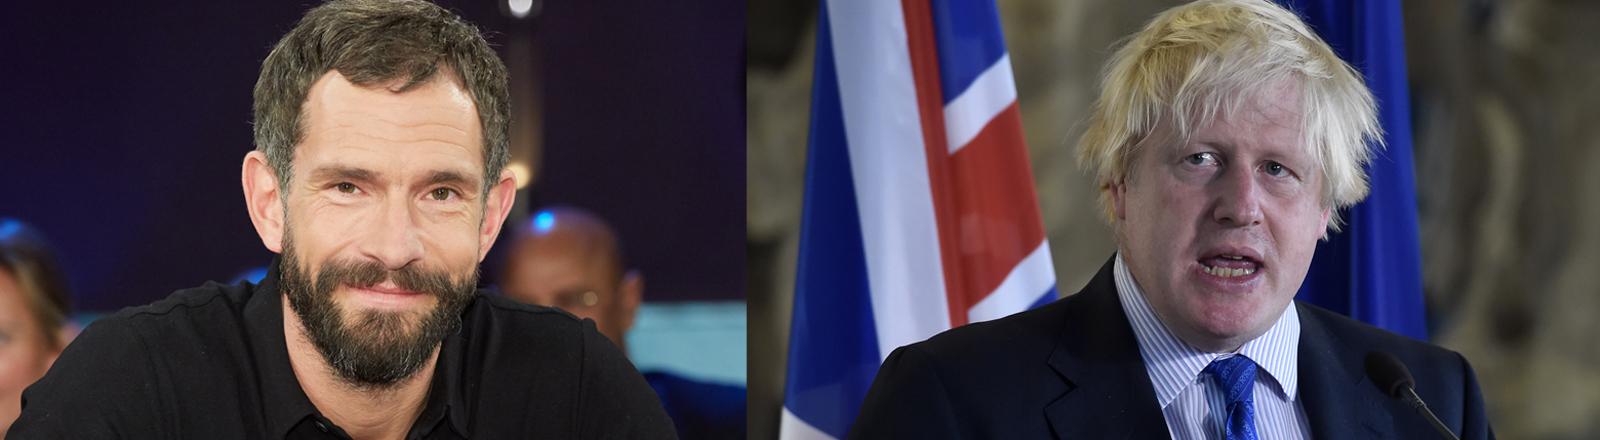 TV-Moderator Mickey Beisenherz und der britische Außenminister Boris Johnson